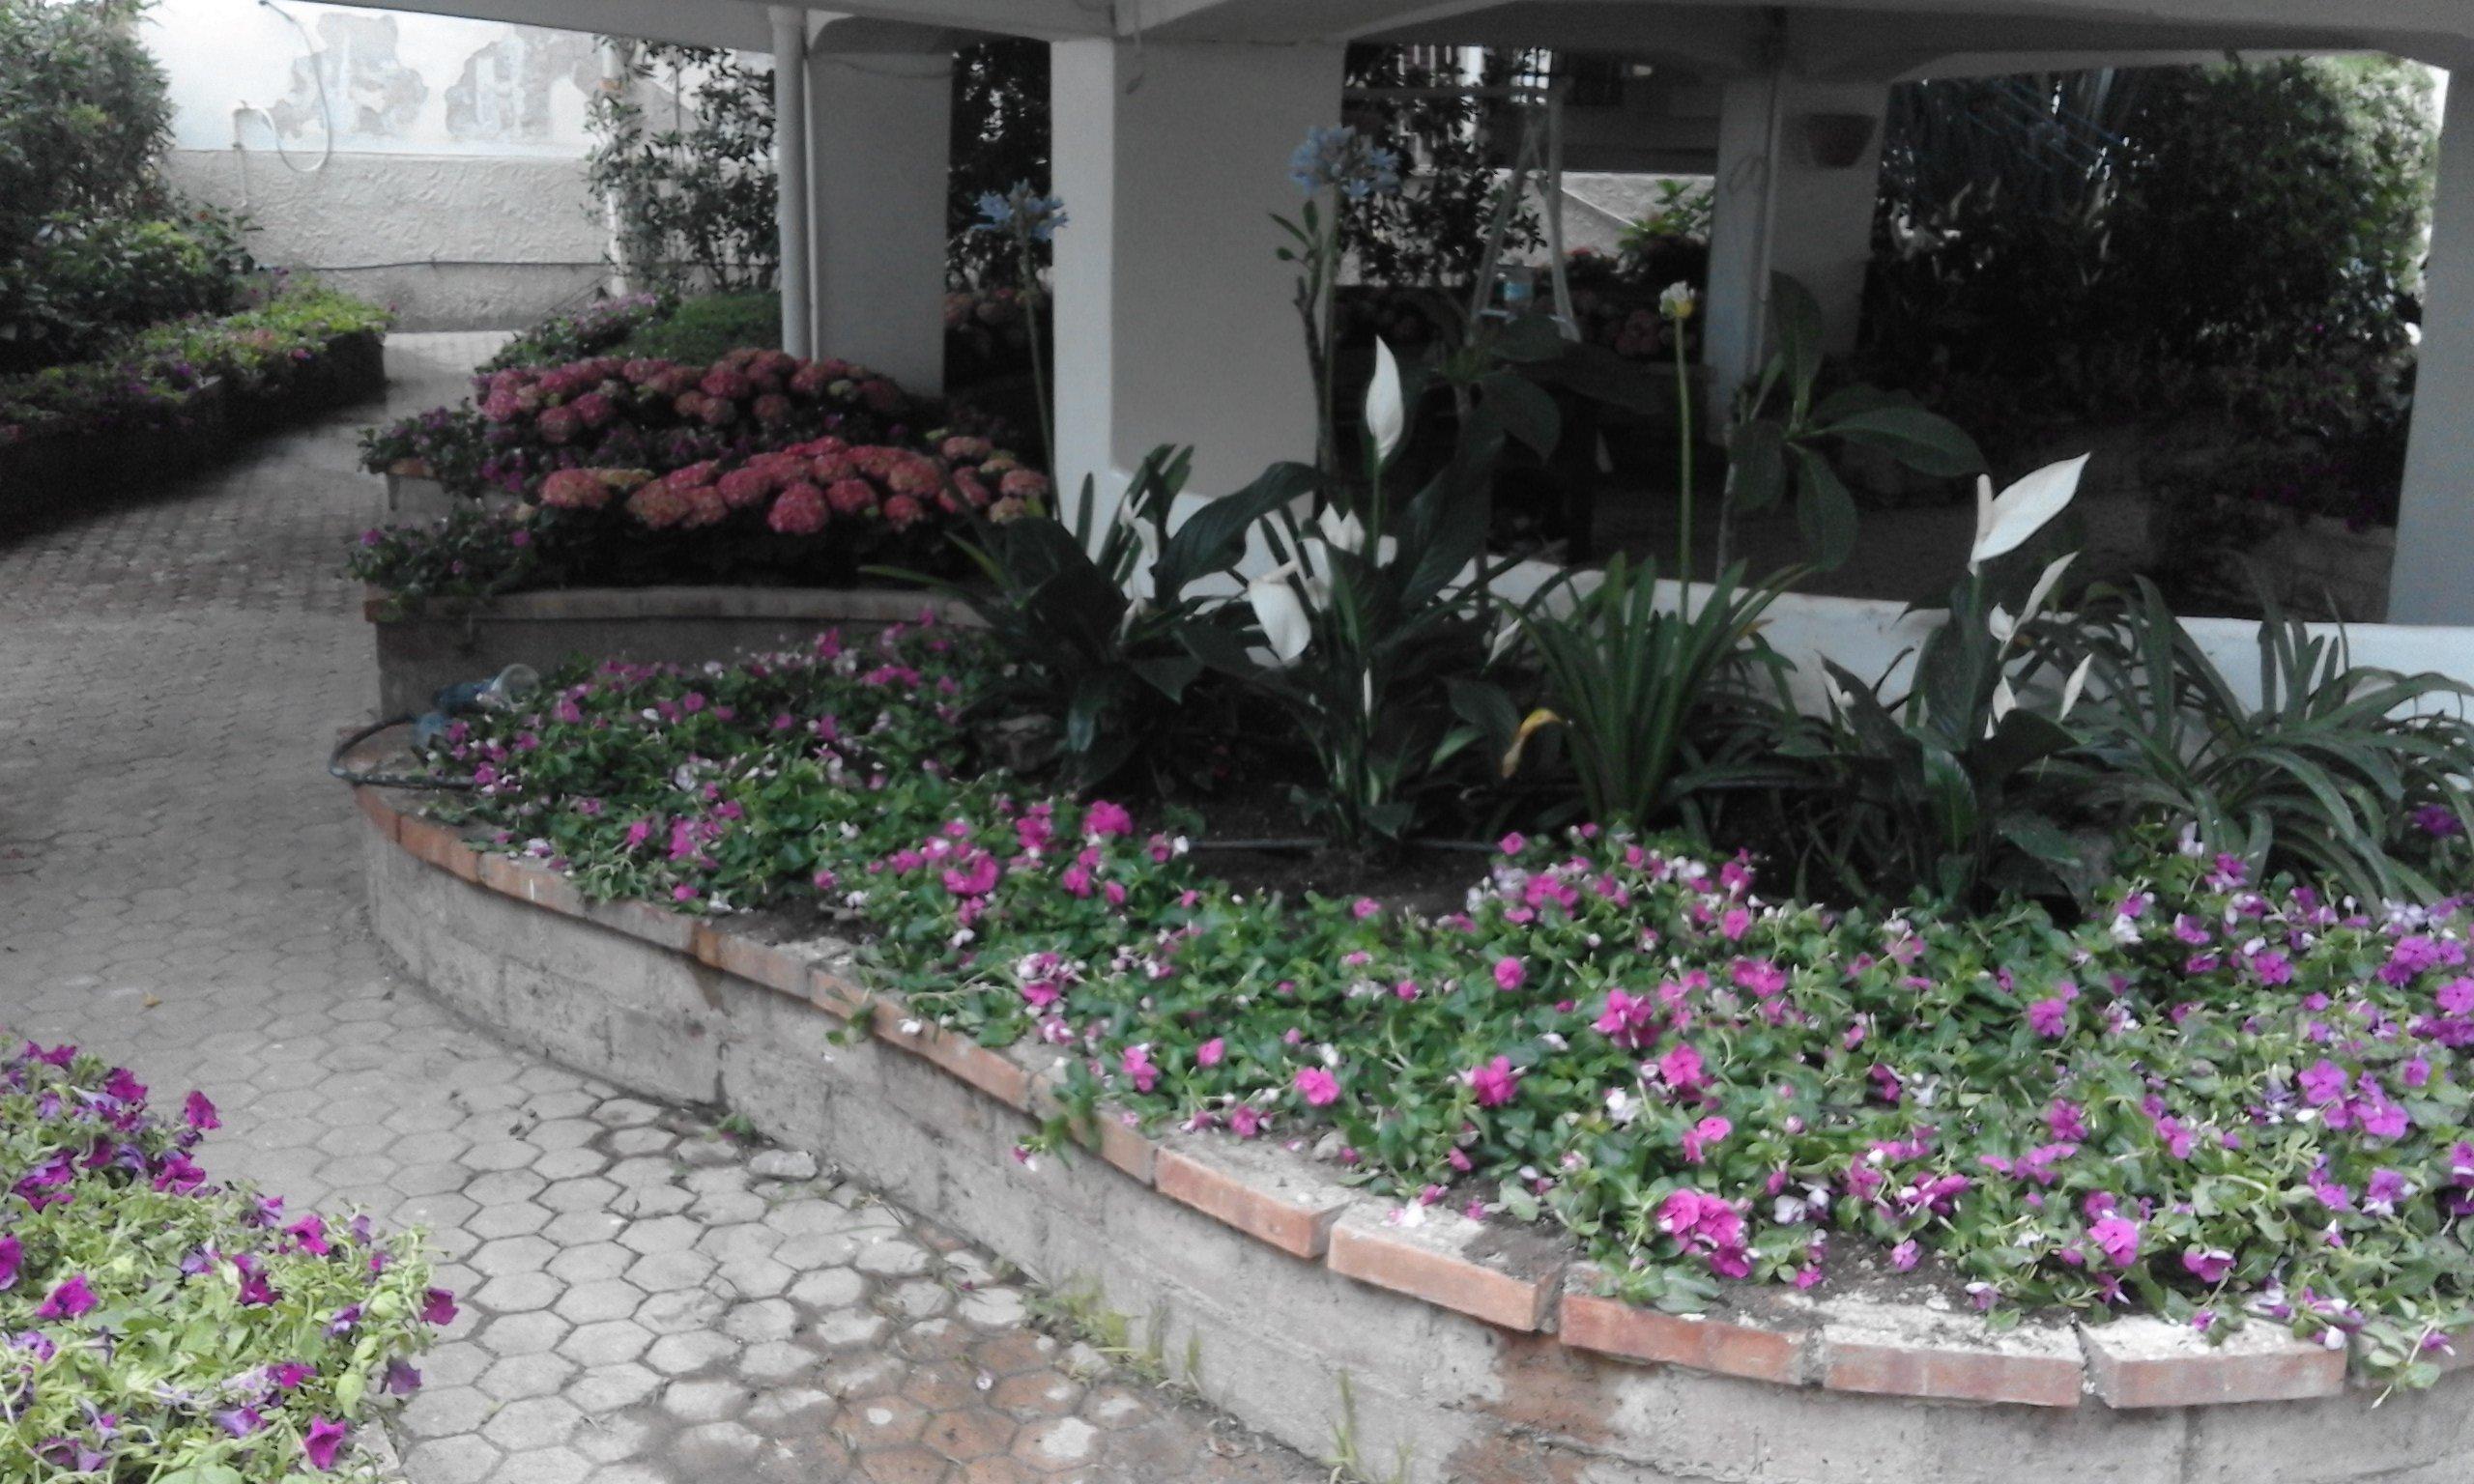 un muretto e dietro delle piante e dei fiori viola interrati